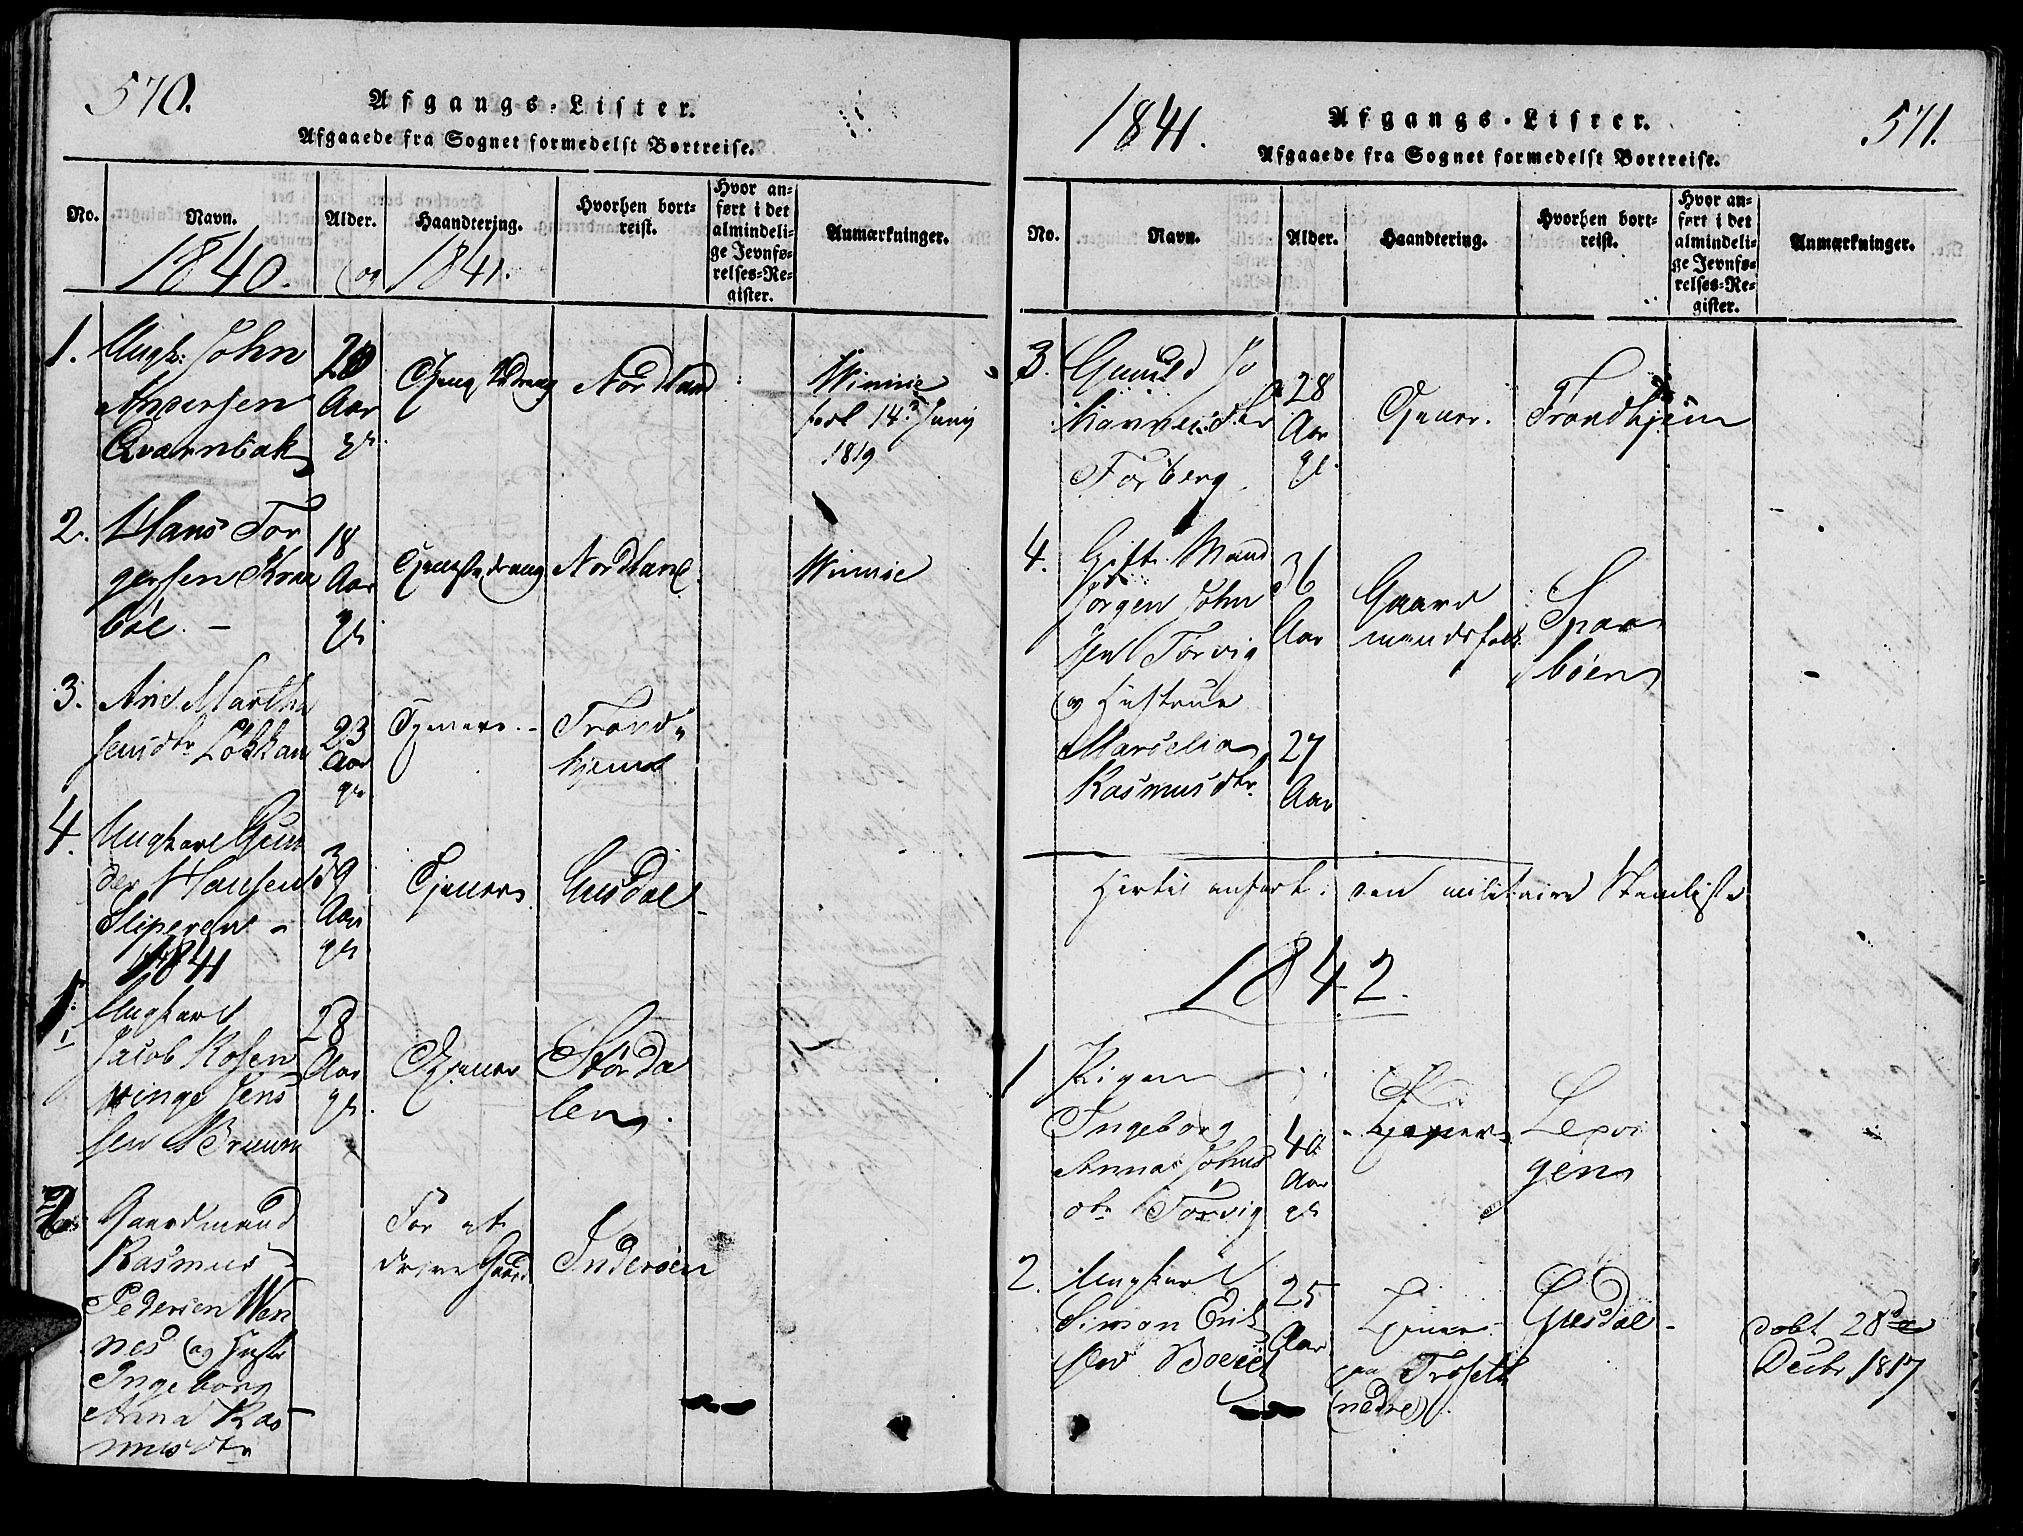 SAT, Ministerialprotokoller, klokkerbøker og fødselsregistre - Nord-Trøndelag, 733/L0322: Ministerialbok nr. 733A01, 1817-1842, s. 570-571